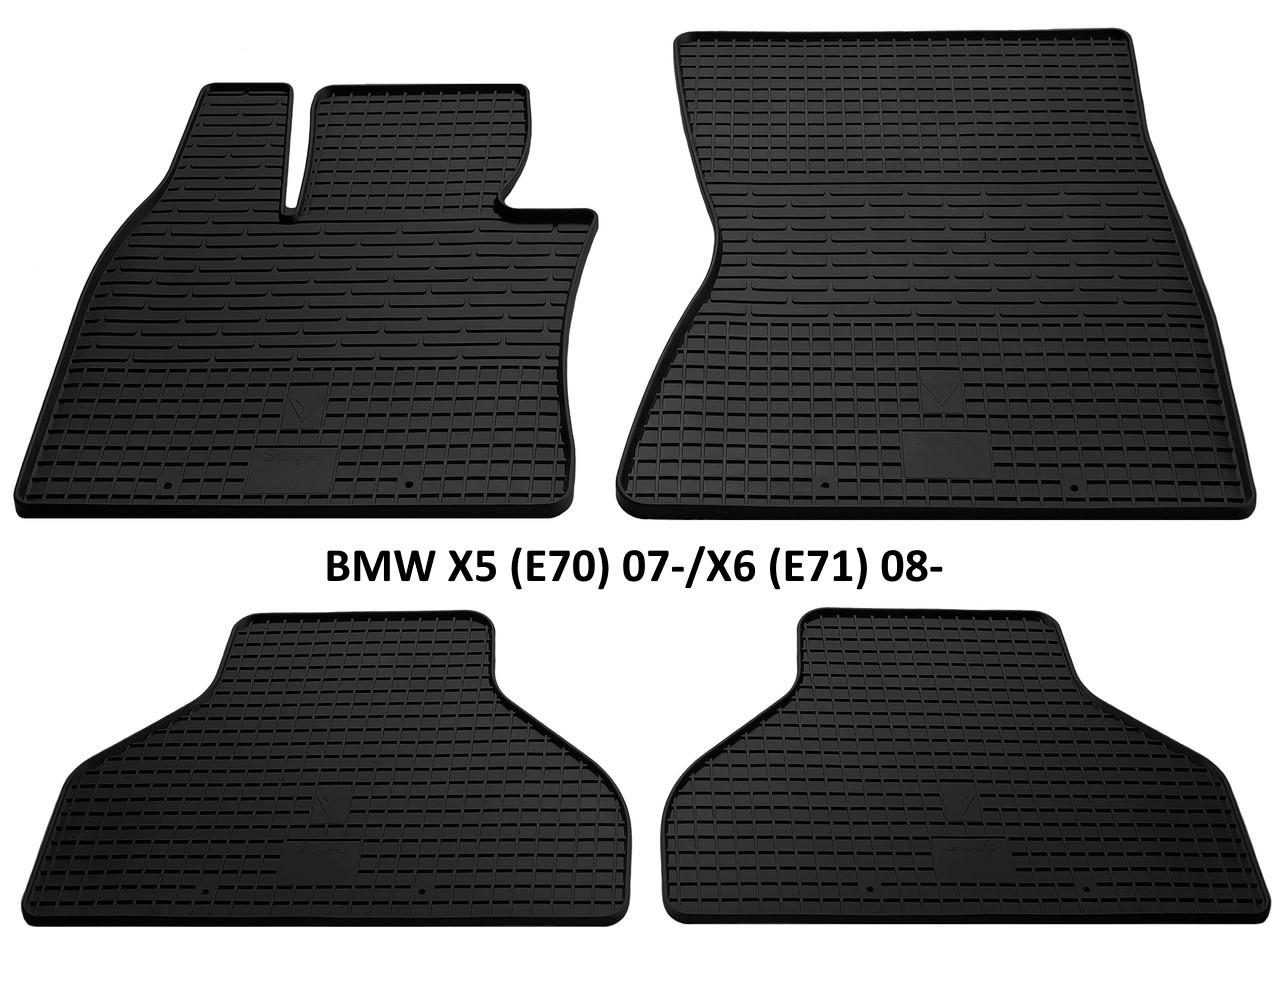 Резиновые автомобильные коврики в салон BMW X5 (E70) 2007 бмв х5 е70 Stingray